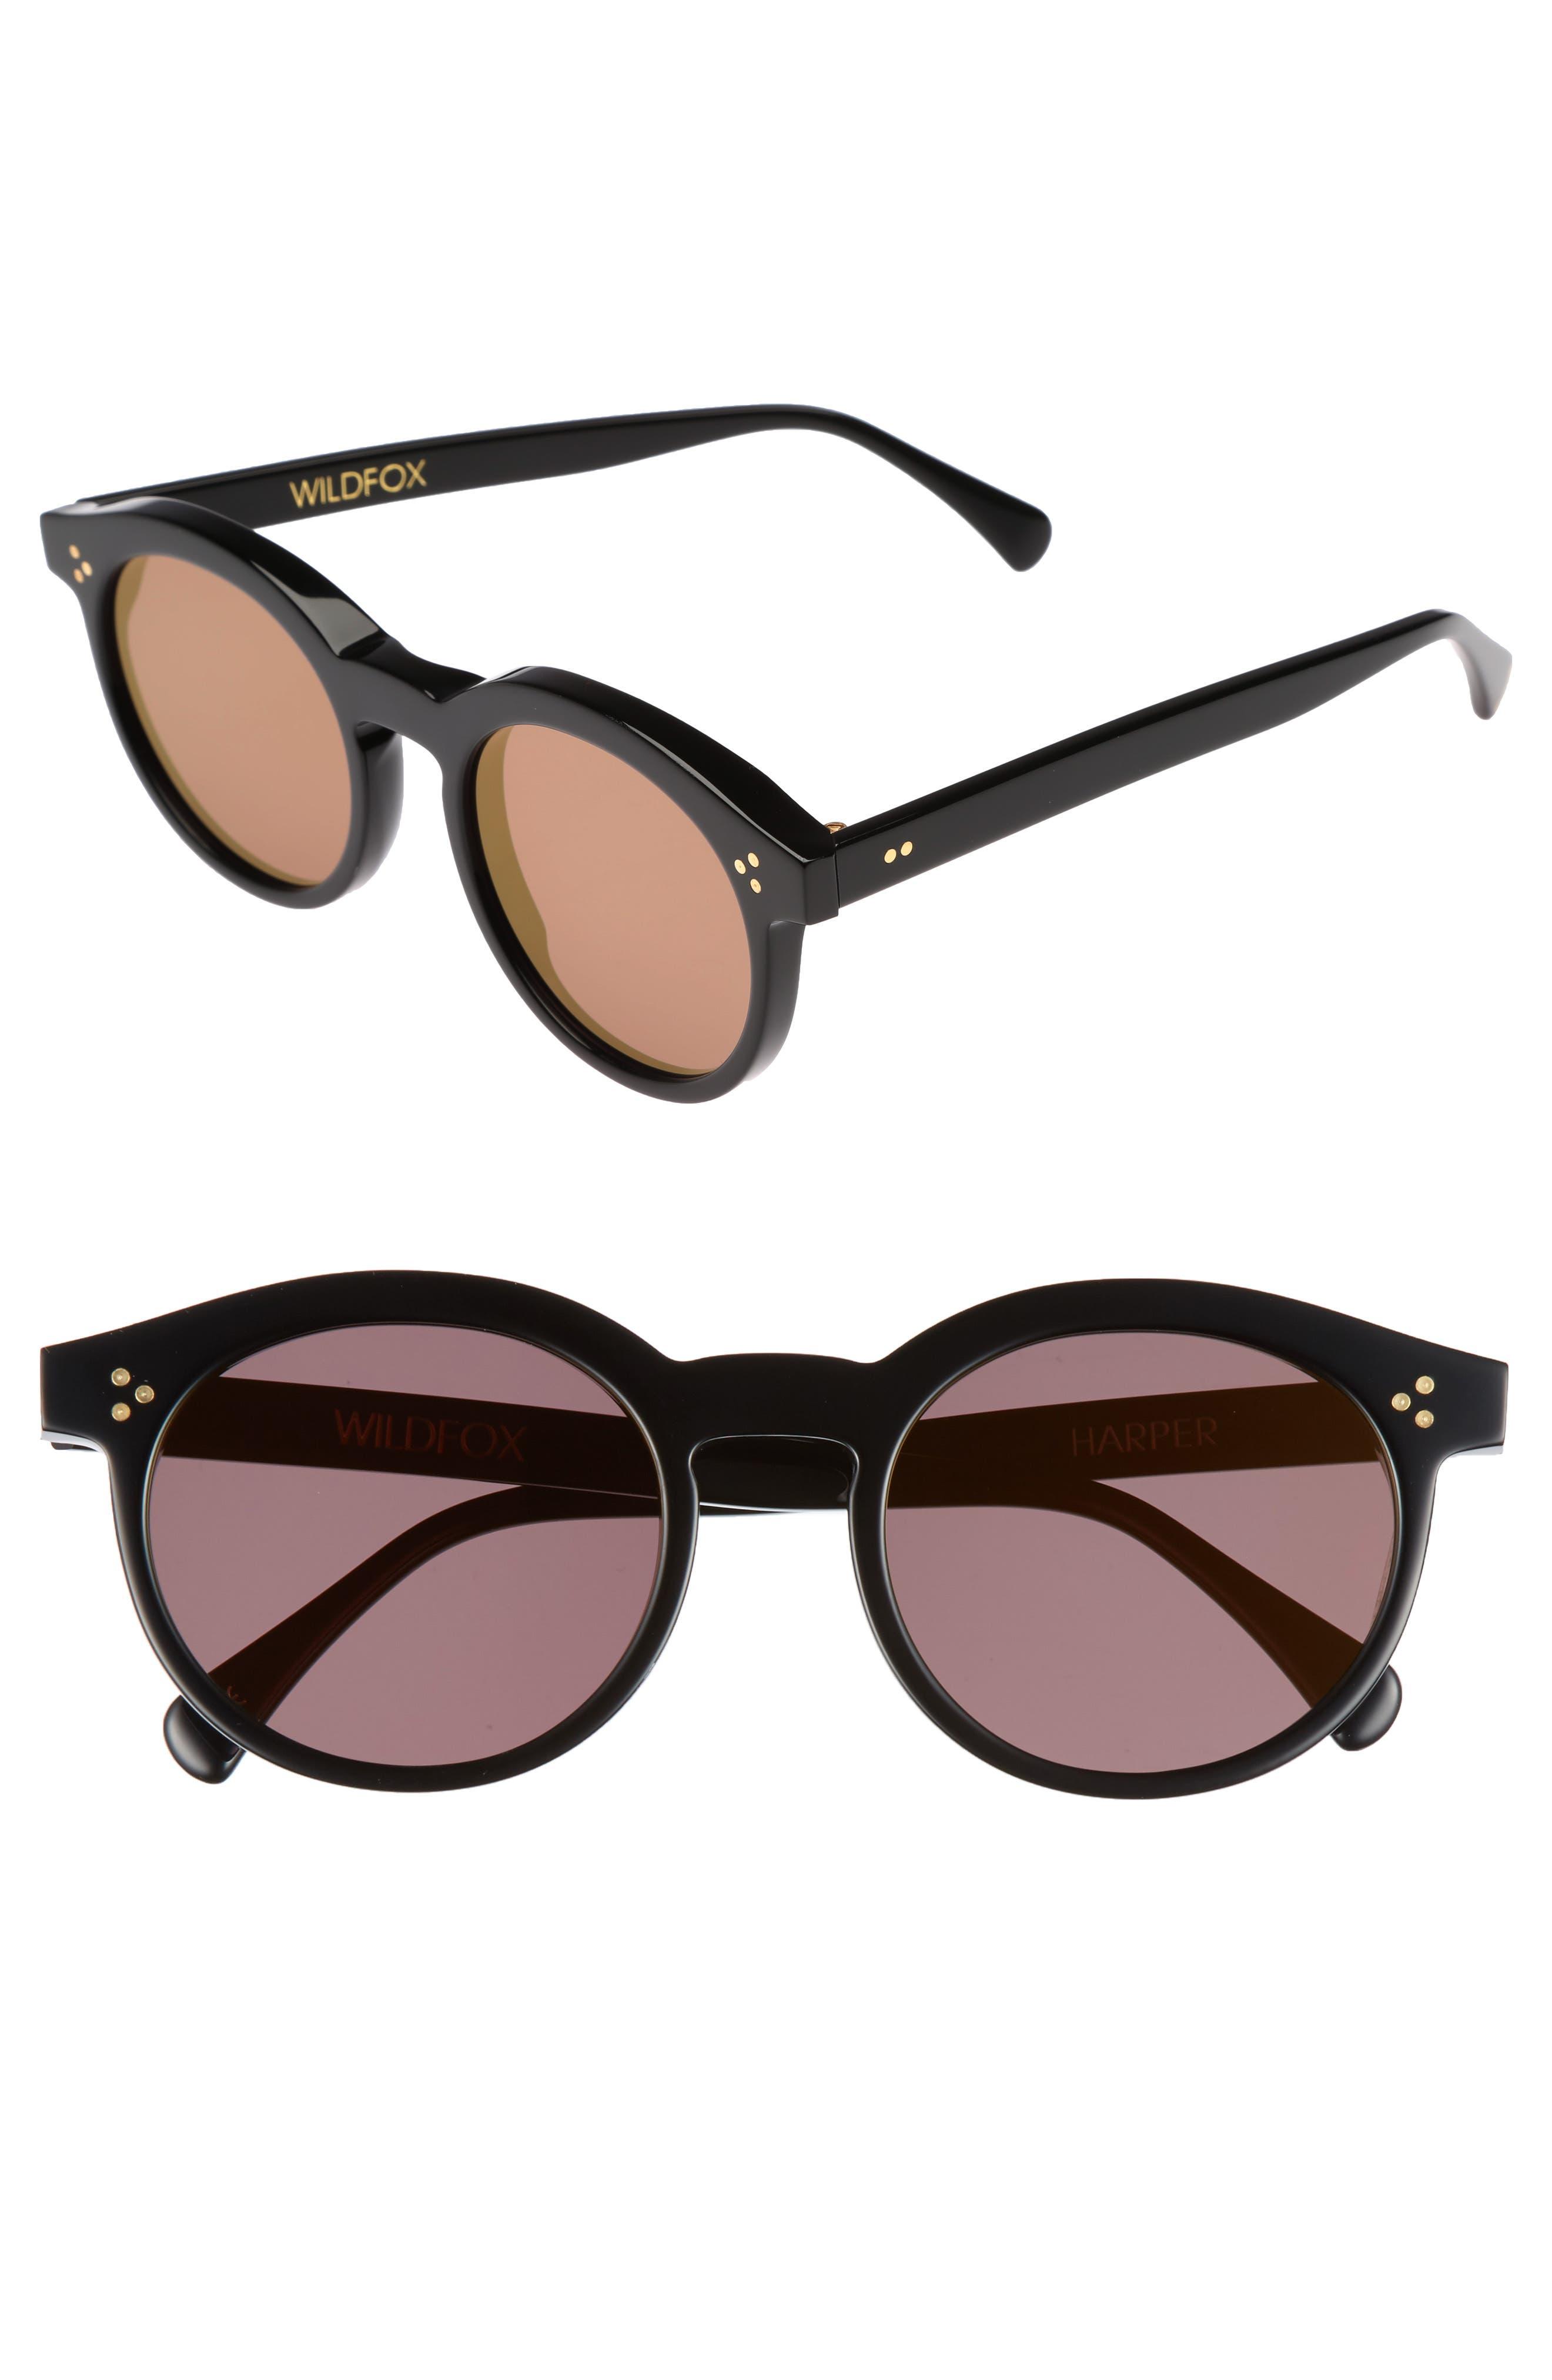 Harper Zero 53mm Round Keyhole Sunglasses,                         Main,                         color, Black/ Gold